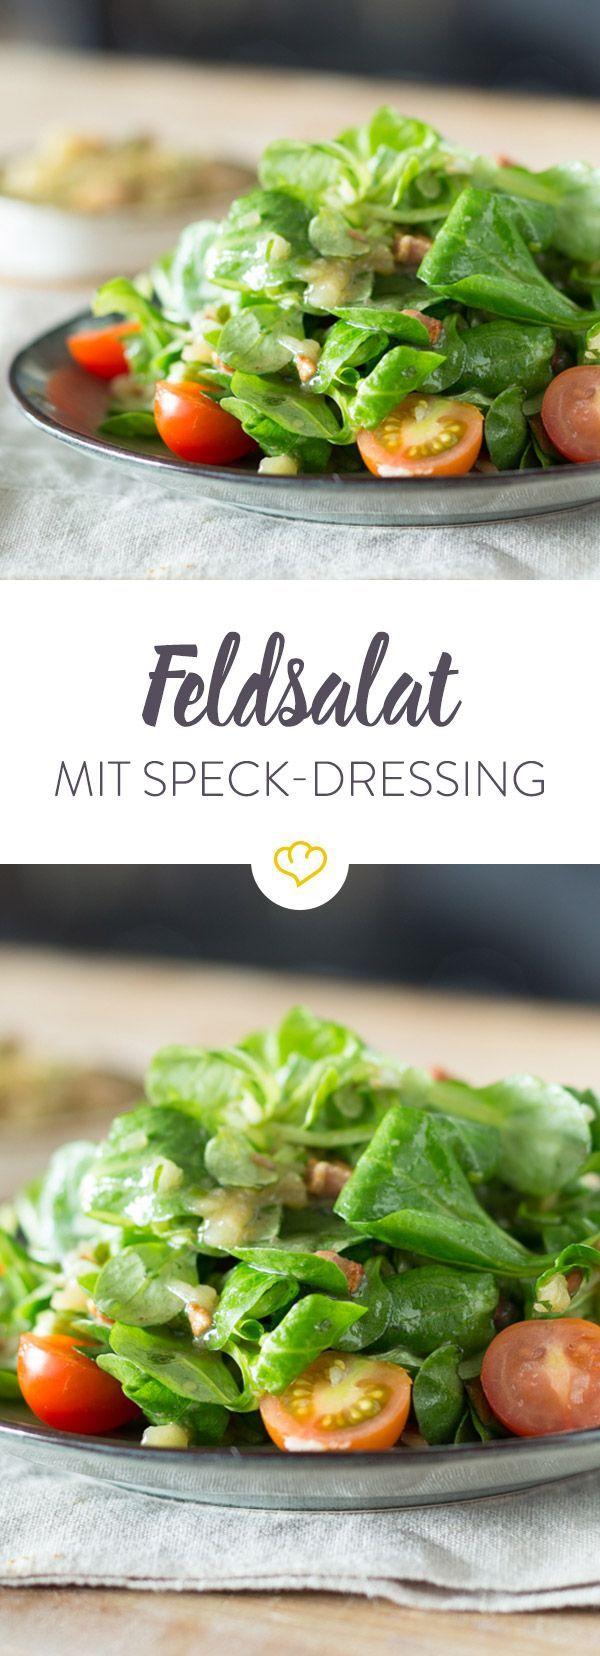 Klassische Vinaigrette wird hier mit Speck und Kartoffelstampf gemixt und setzt milden Feldsalat und süße Kirschtomaten so richtig lecker in Szene.